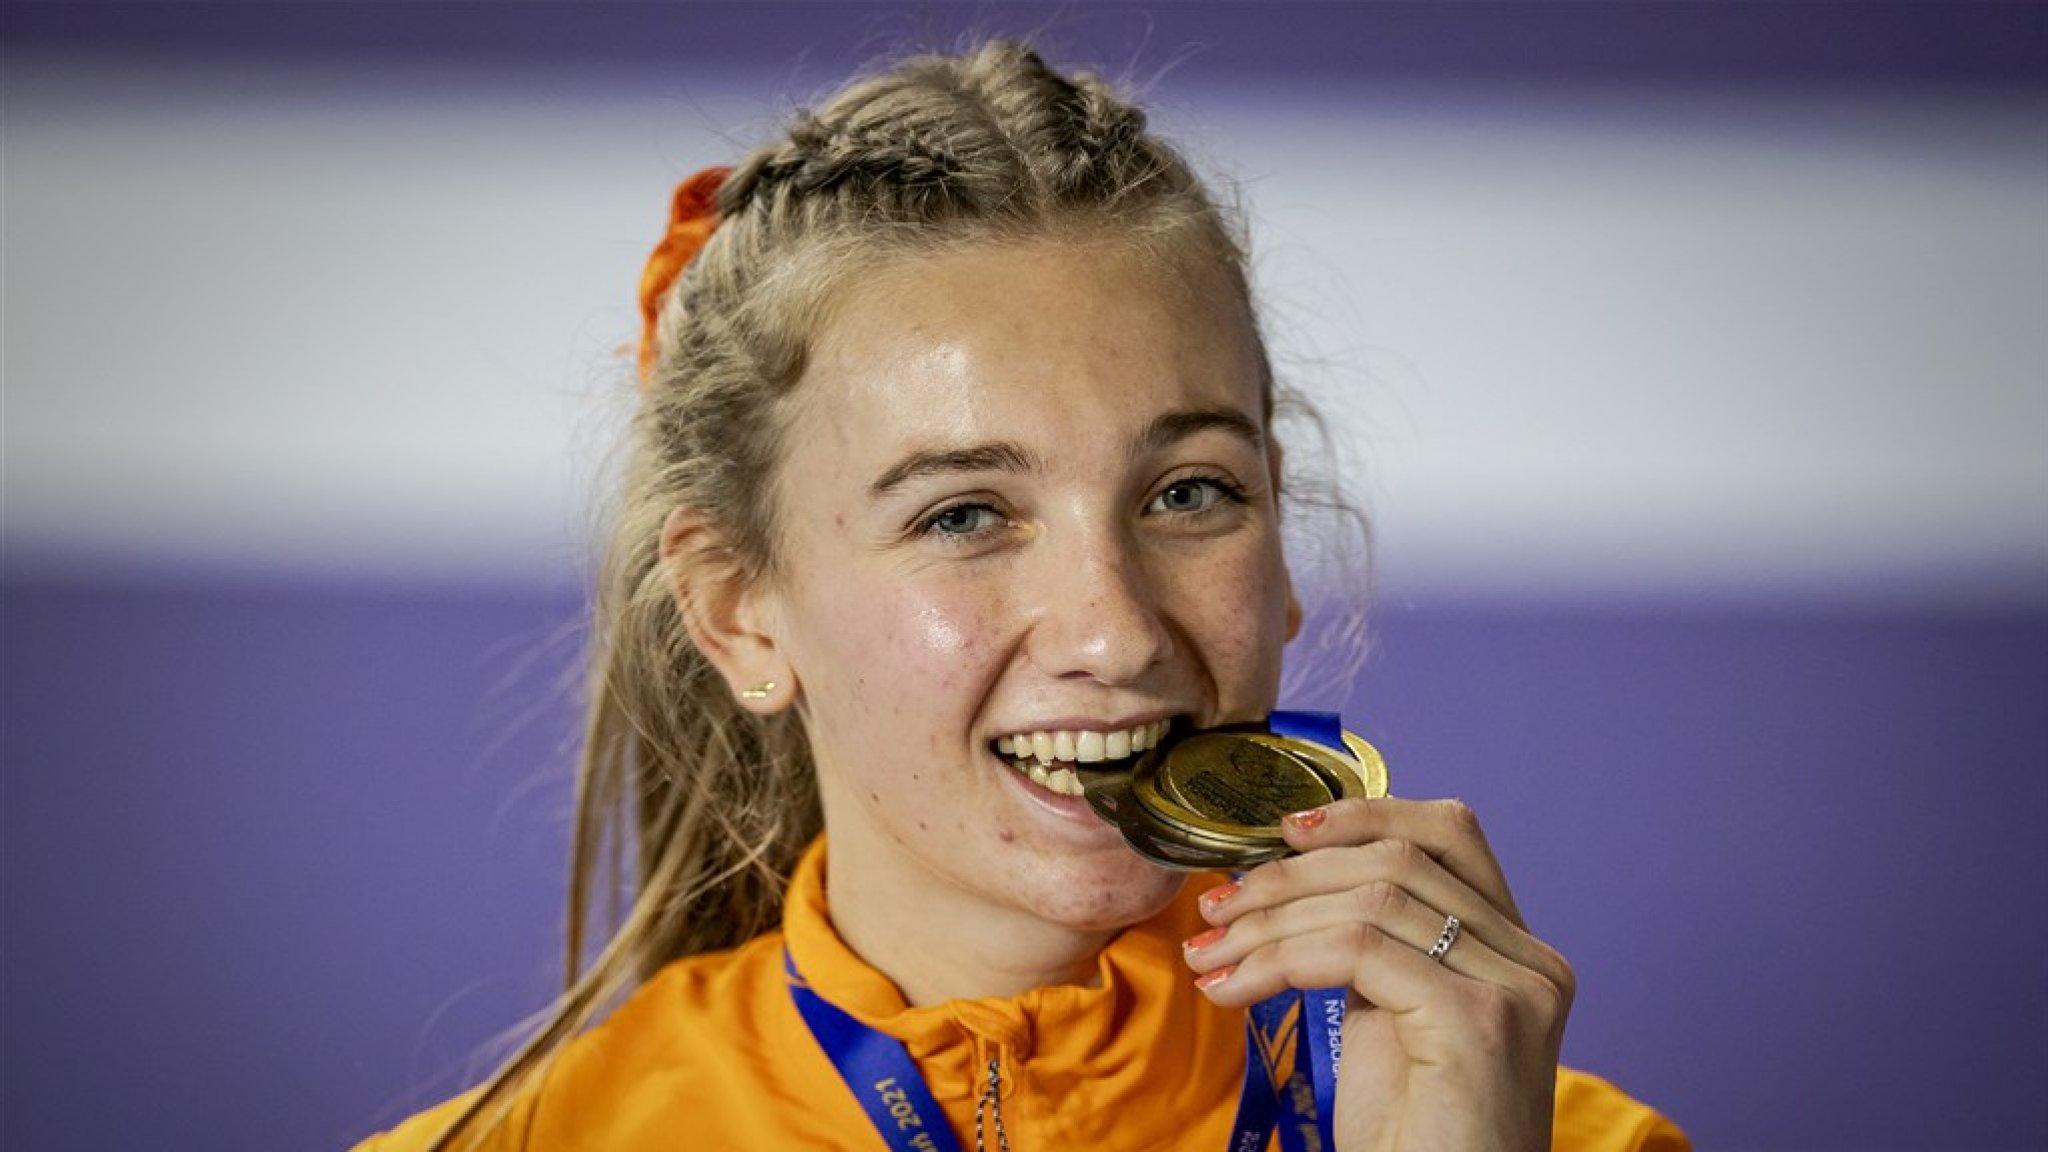 Atlete Bol pakt in Nederlands record goud op 400 meter bij EK indoor - RTL Nieuws